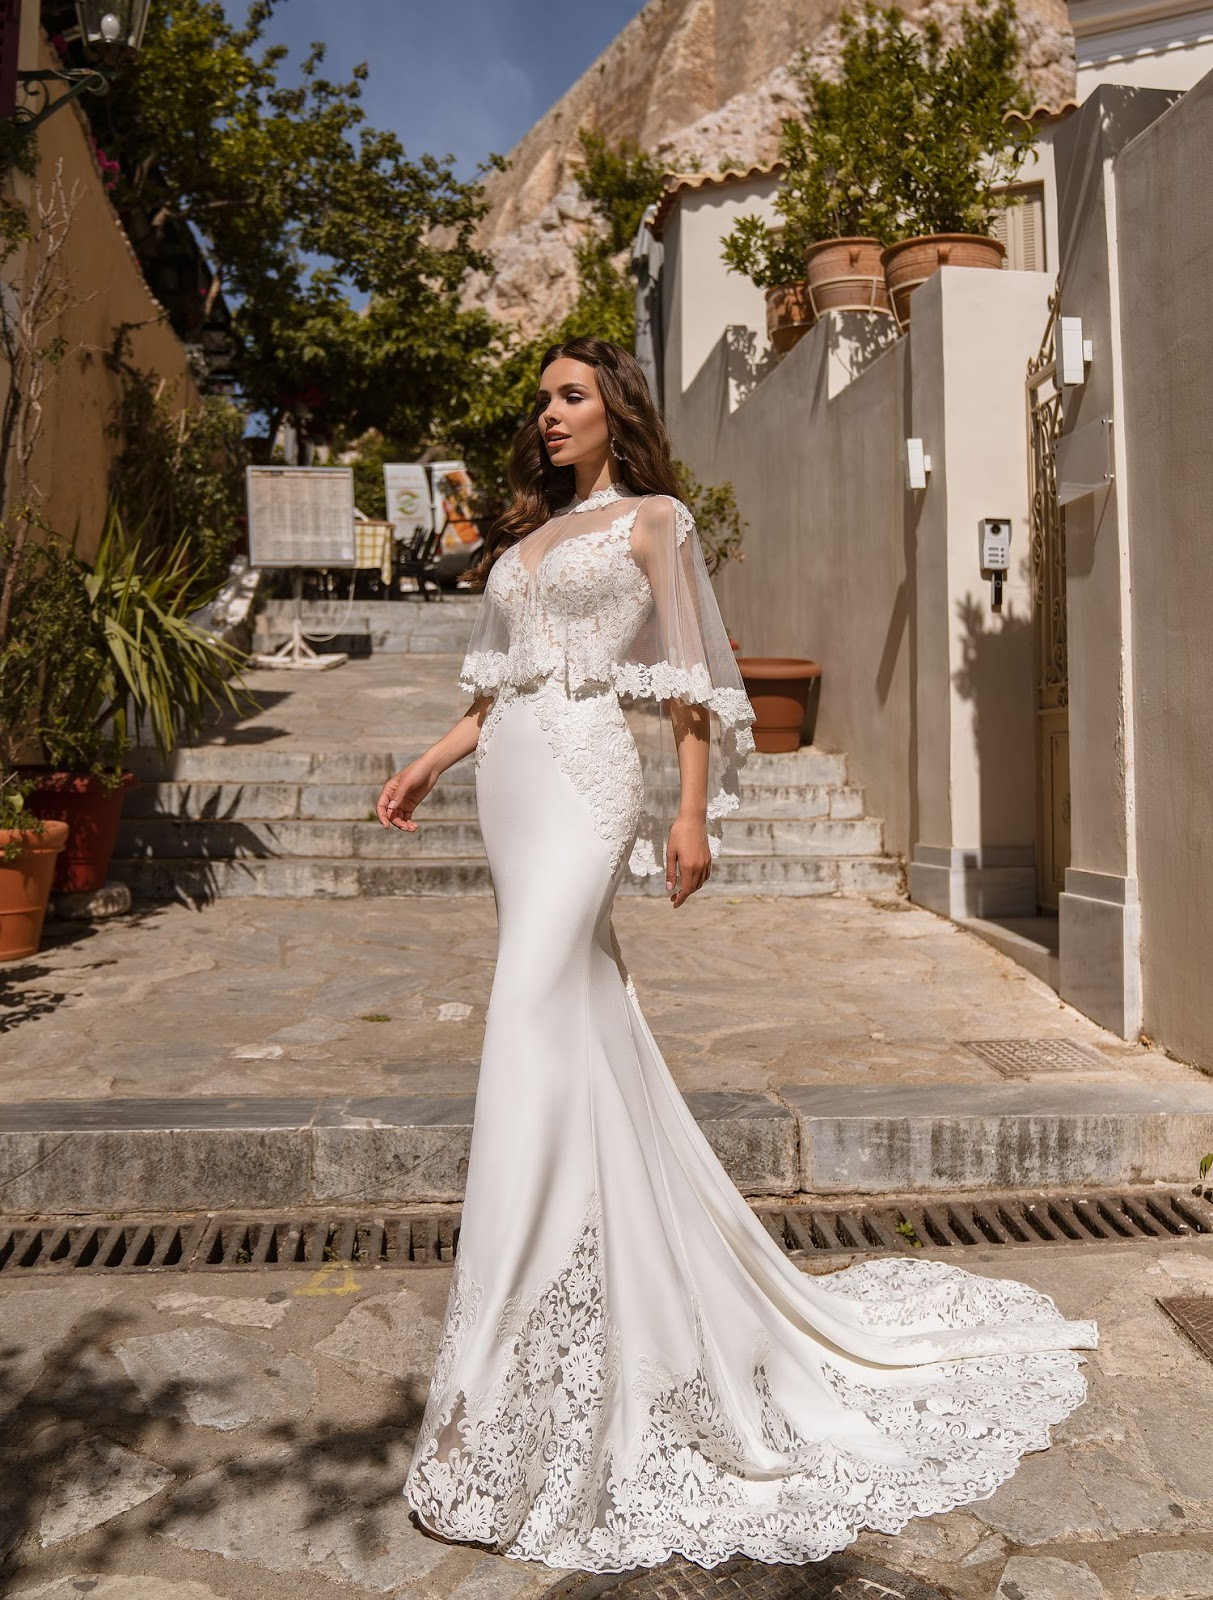 весільна сукня з накидкою